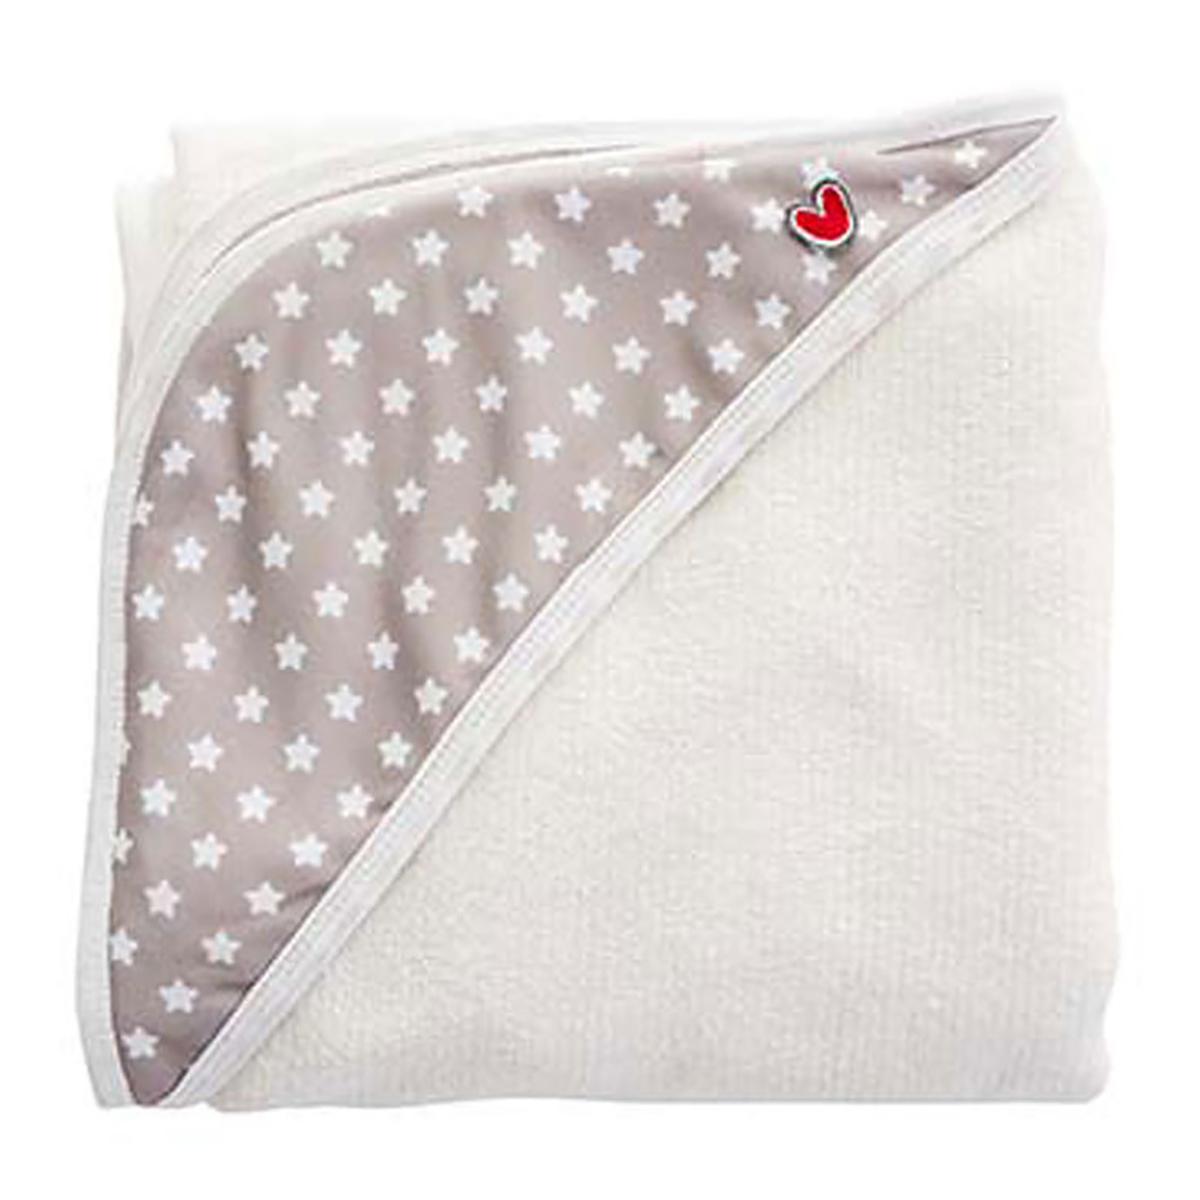 Linge & Sortie de bain Serviette Papillon - White Stars Serviette Papillon - White Stars